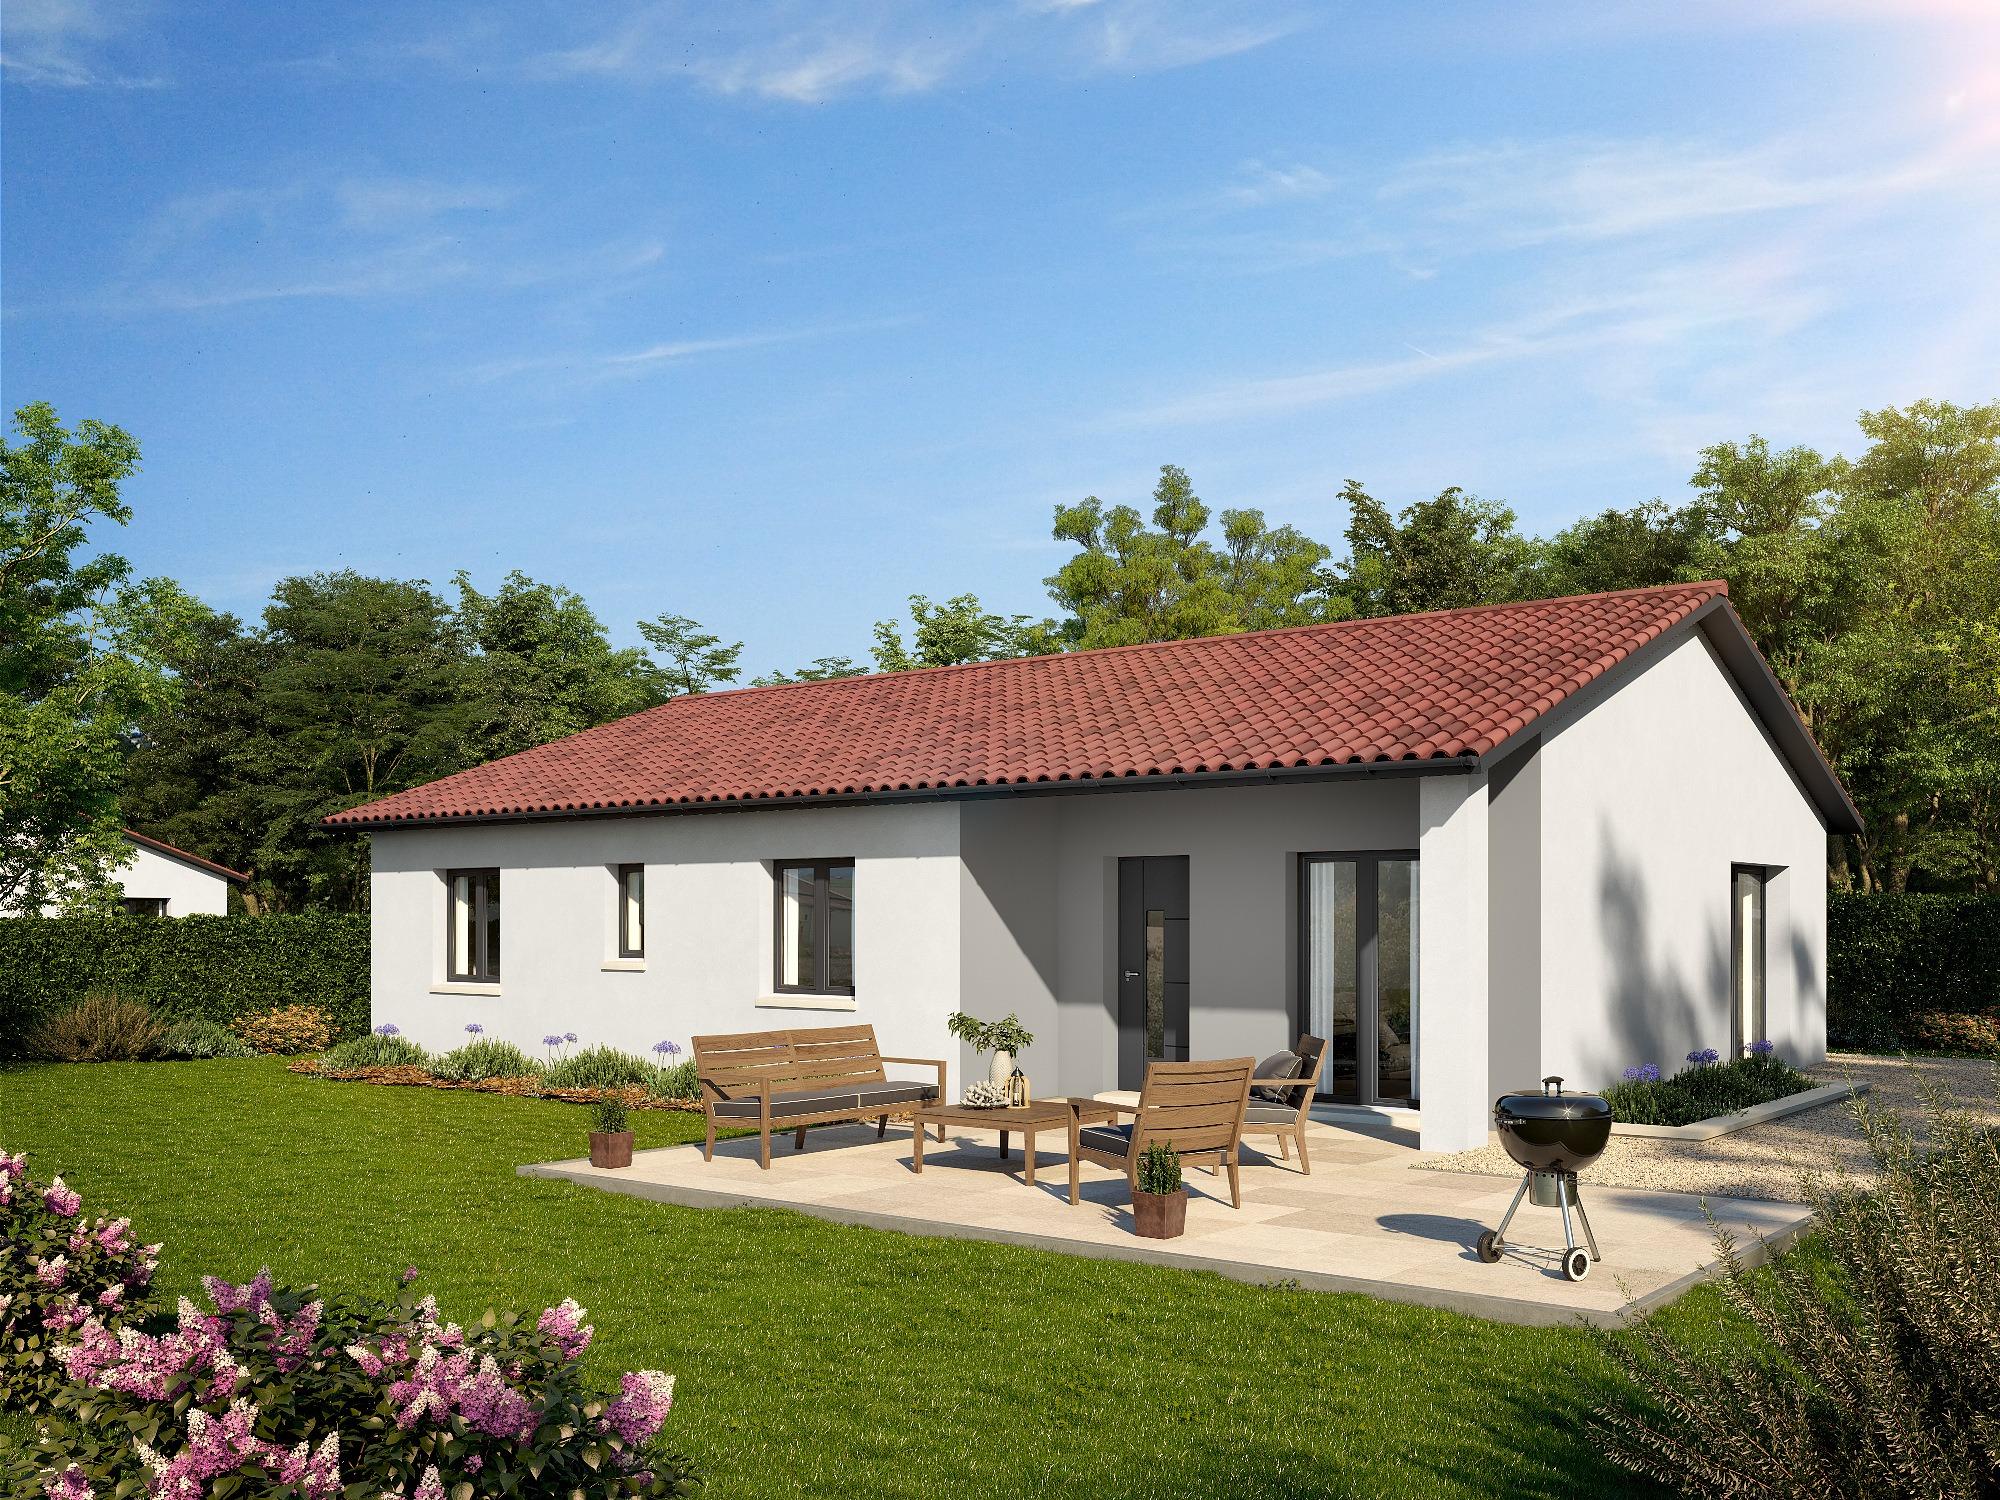 Maisons + Terrains du constructeur DEMEURES CALADOISES • 89 m² • SURY LE COMTAL